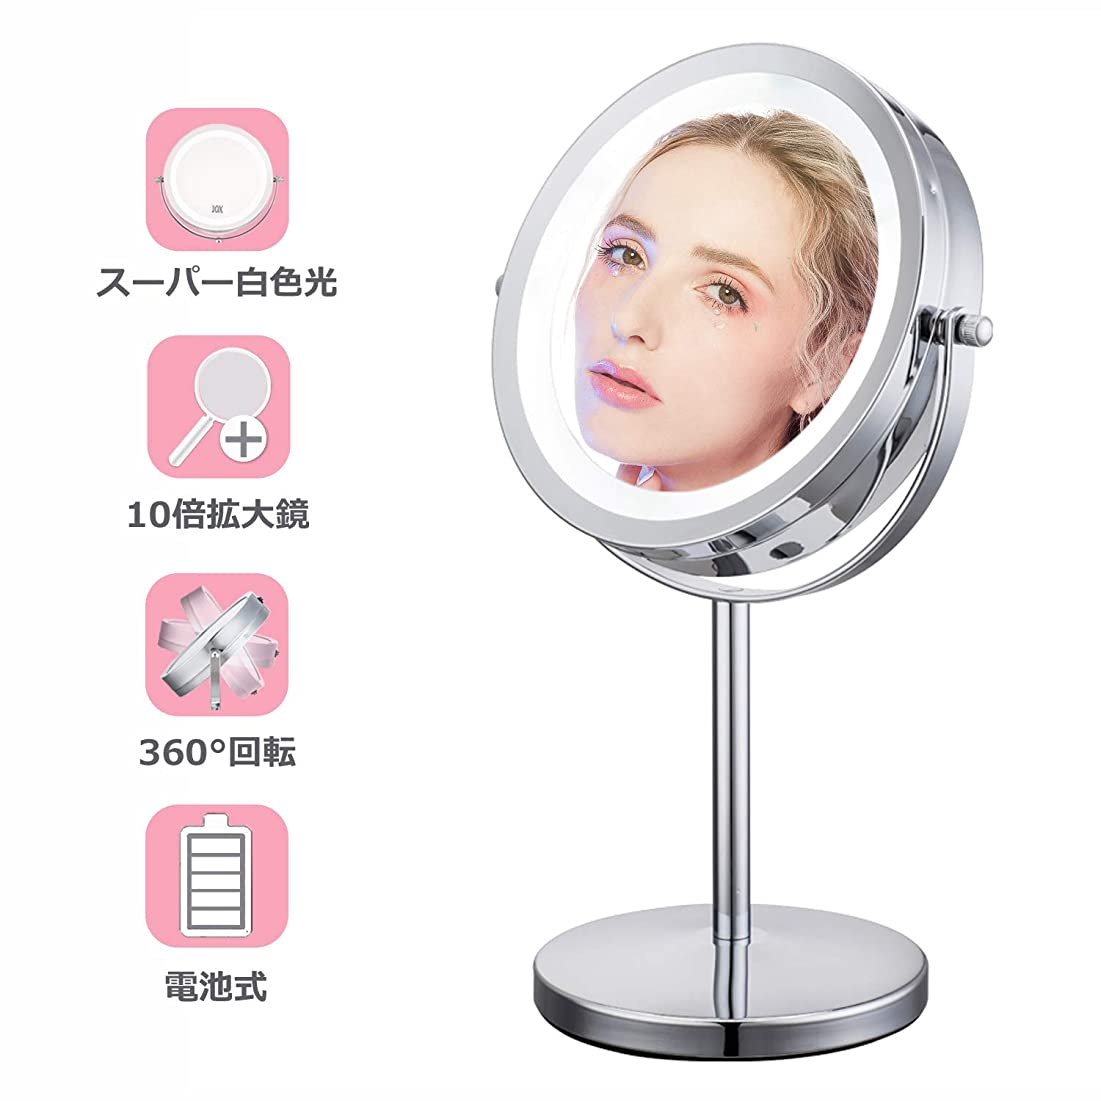 一致する愚か魅力10倍拡大鏡 LEDライト付き 真実の両面鏡 360度回転 卓上鏡 スタンドミラー メイク 化粧道具 【Jeking】